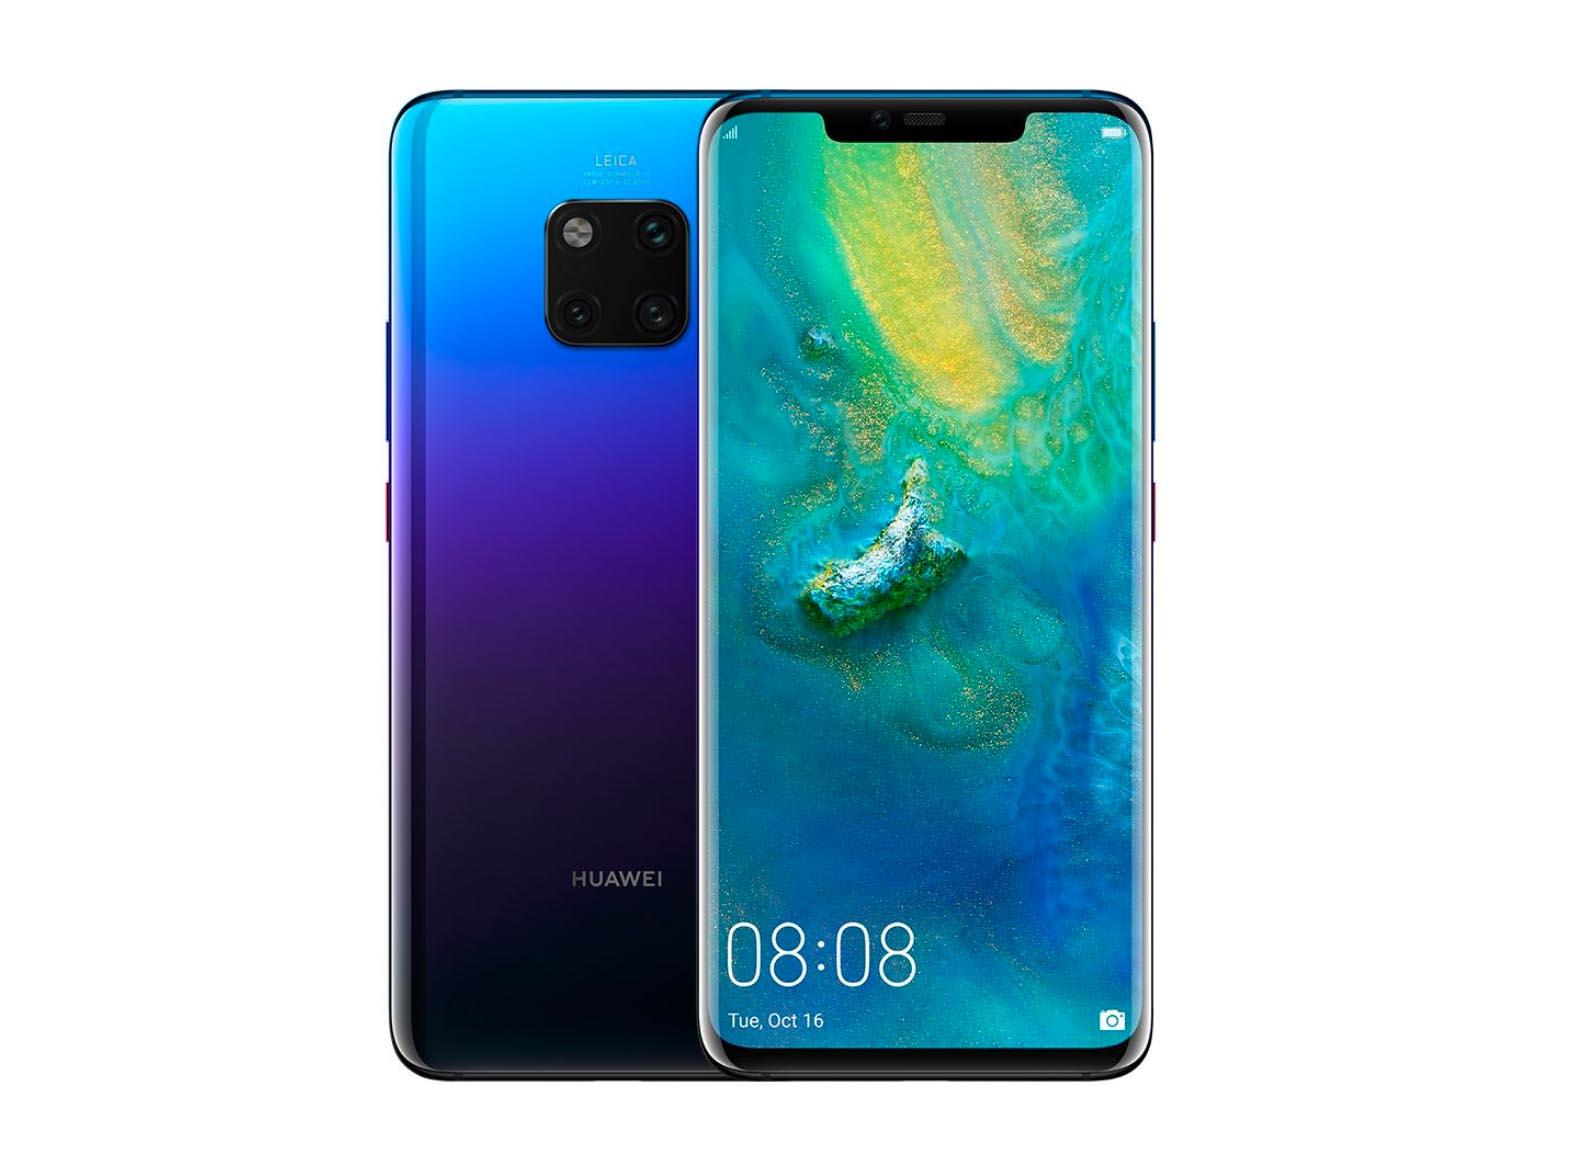 Huawei Smartphone repair Dubai